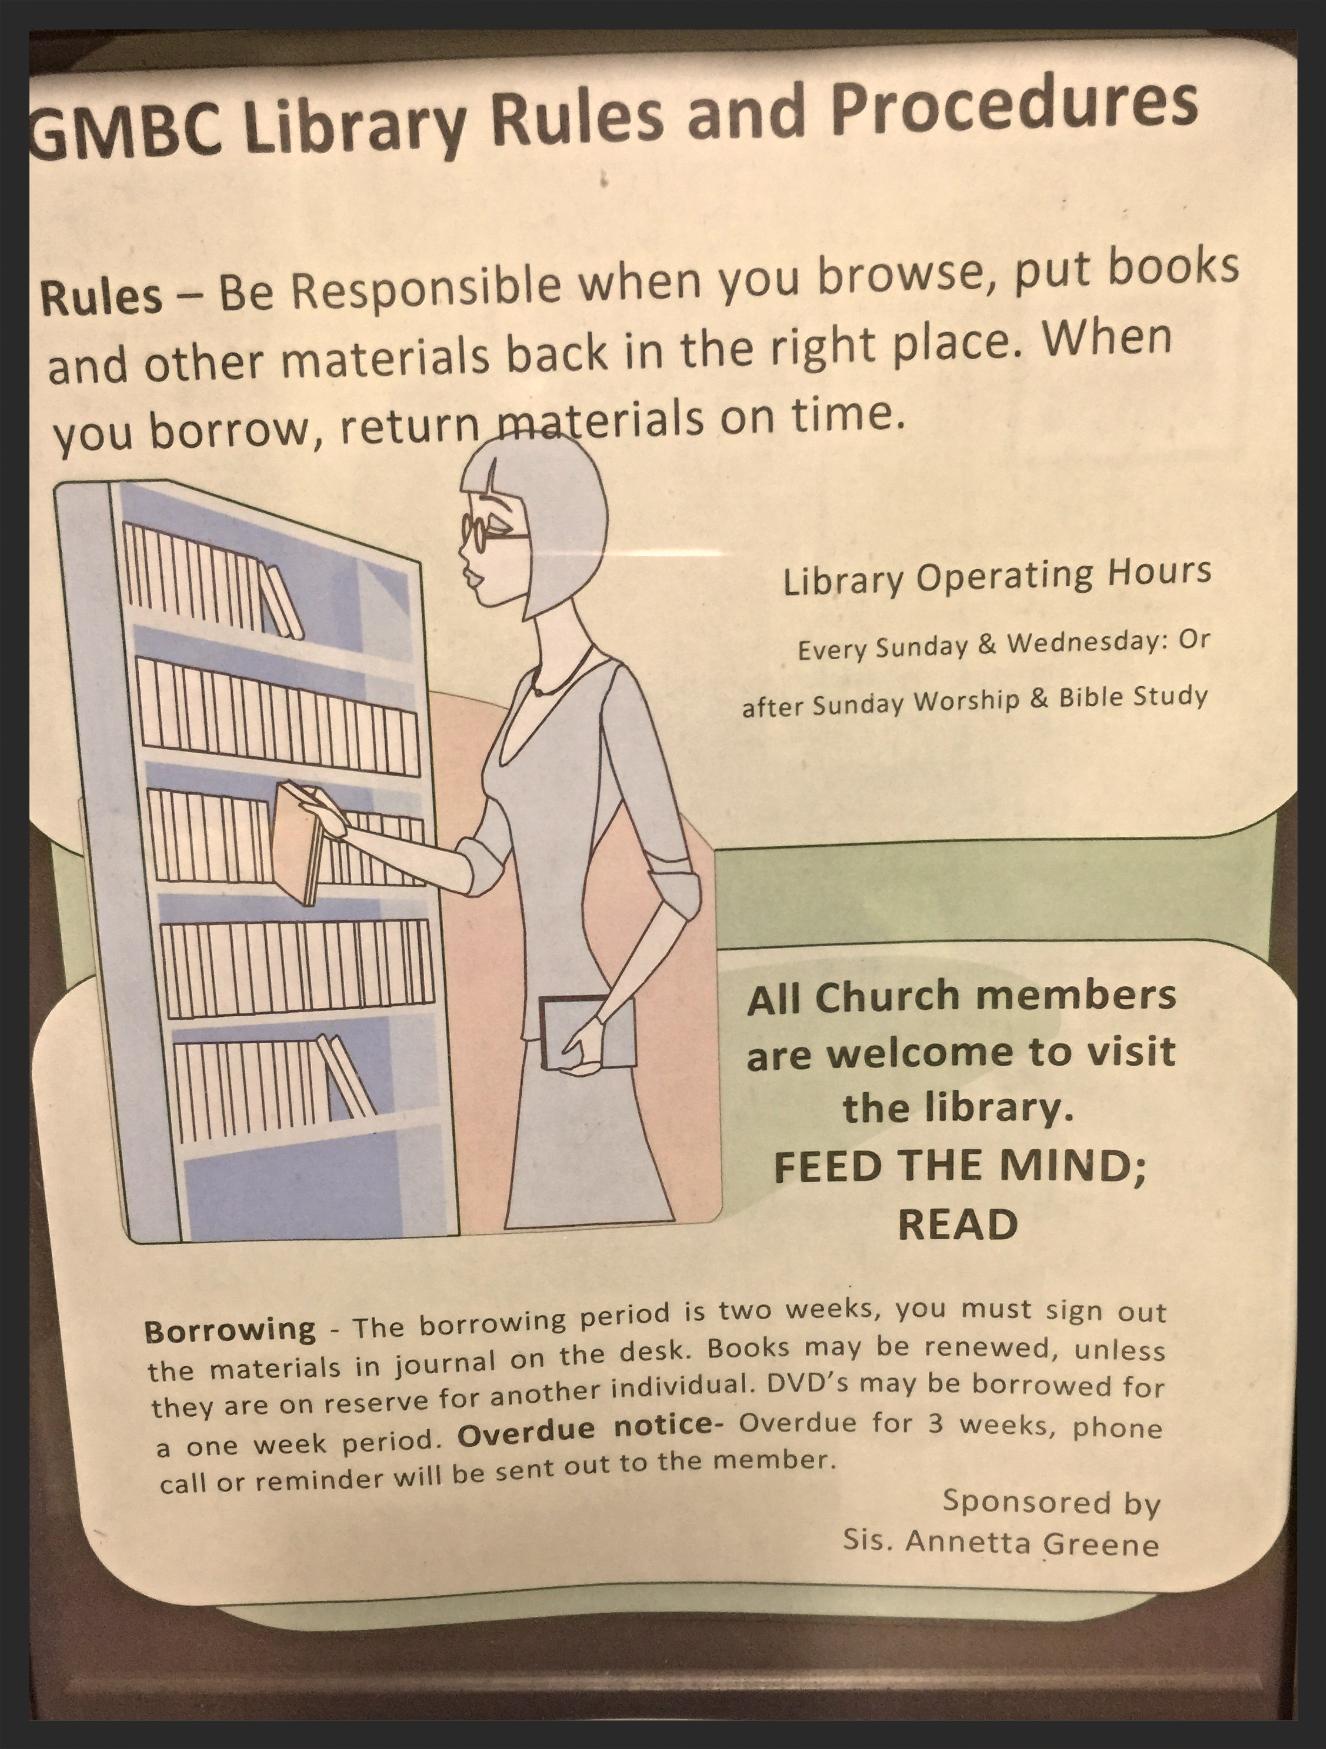 GMBC library